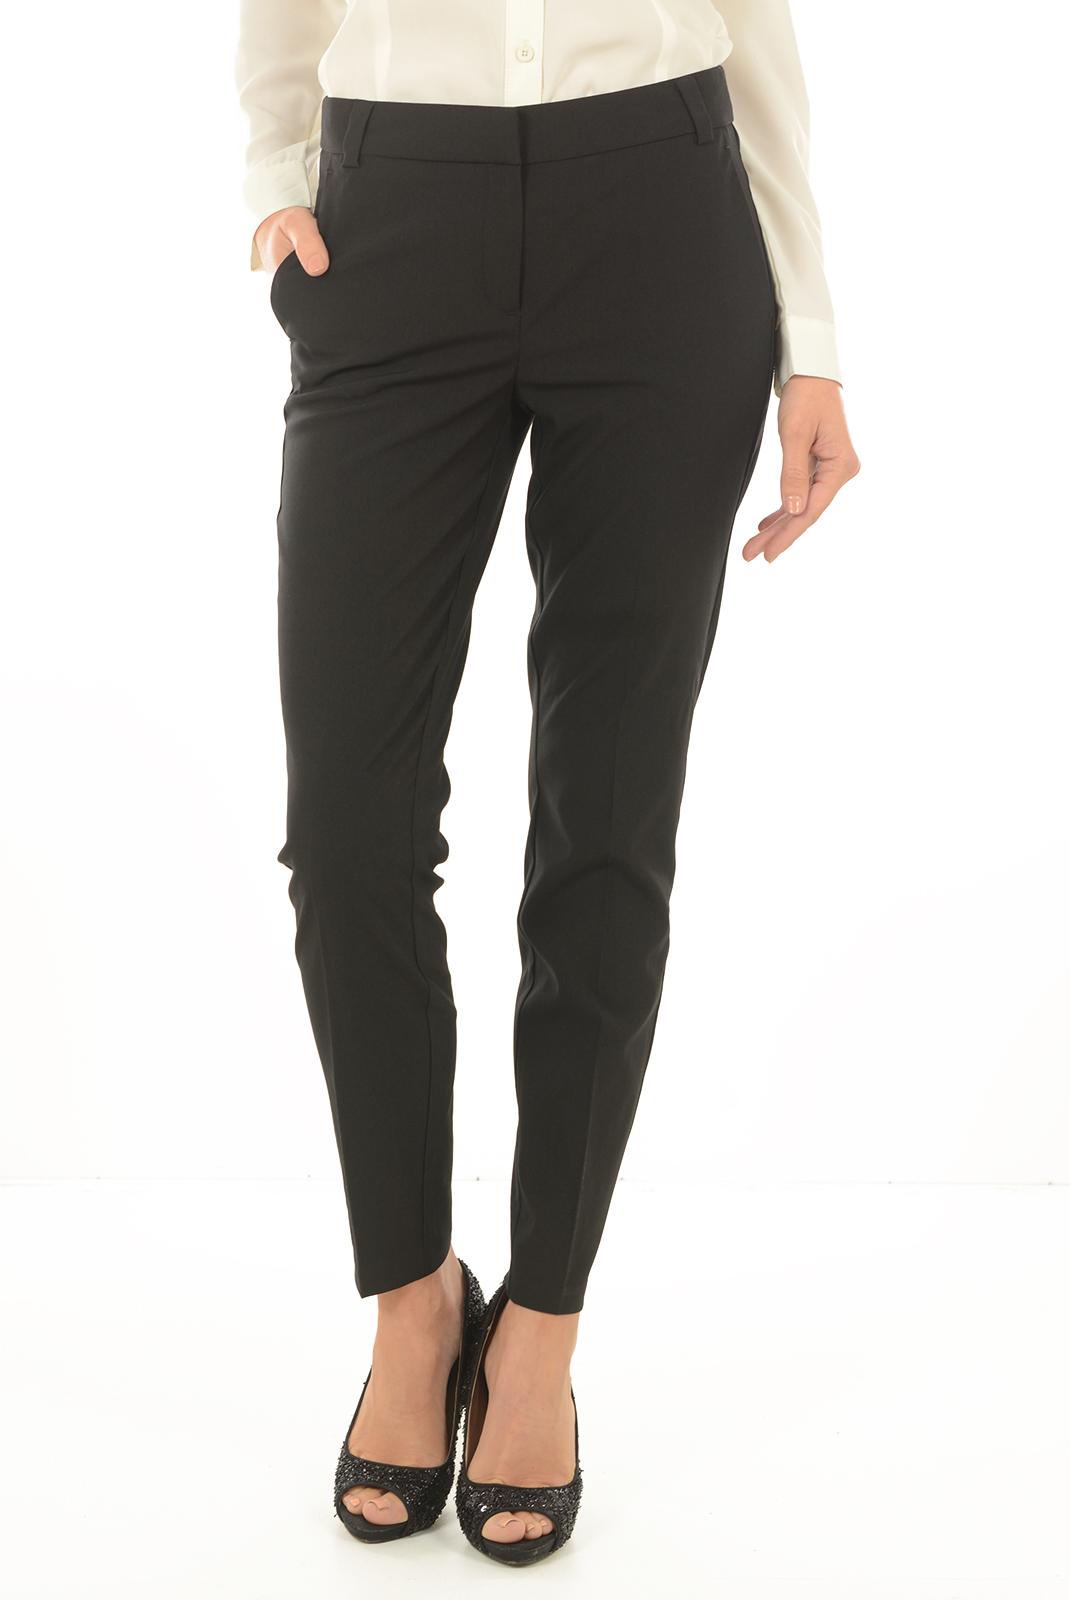 Pantalons  Vero moda RORO NW ANCLE PANTS NOOS BLACK